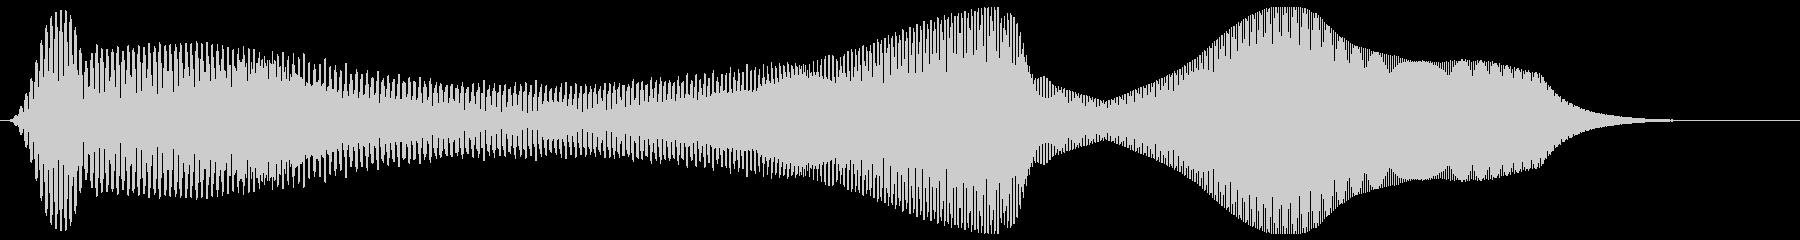 モーン(シンプルで電子的な効果音)の未再生の波形